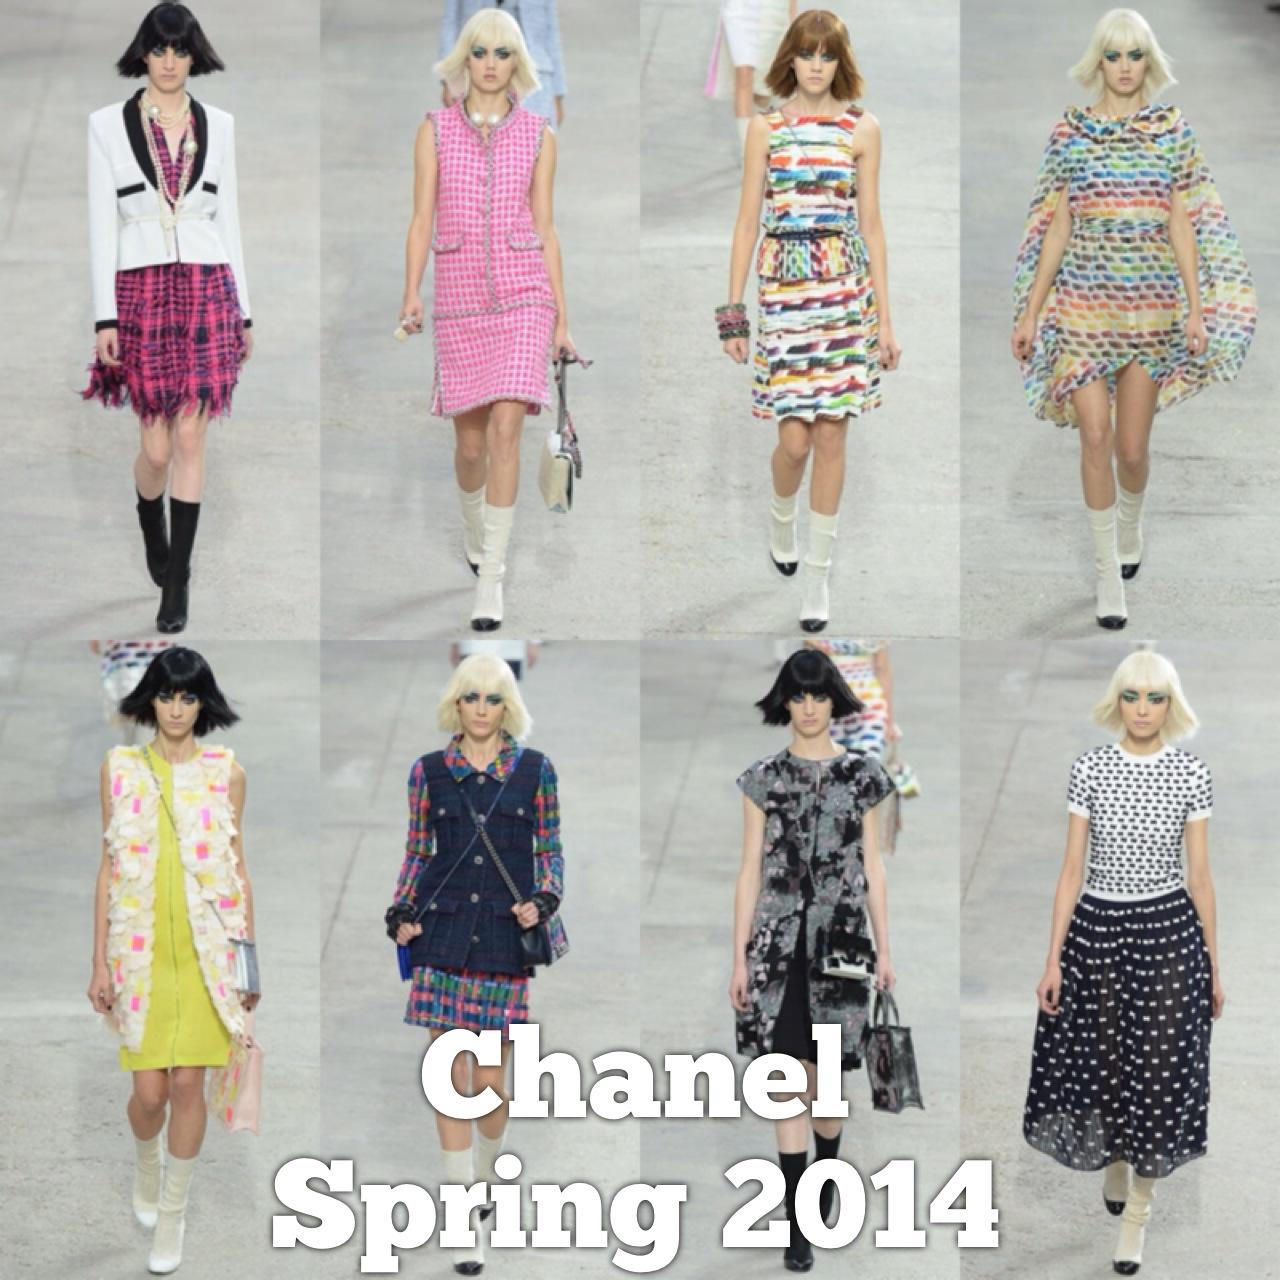 Spring 2014 Chanel